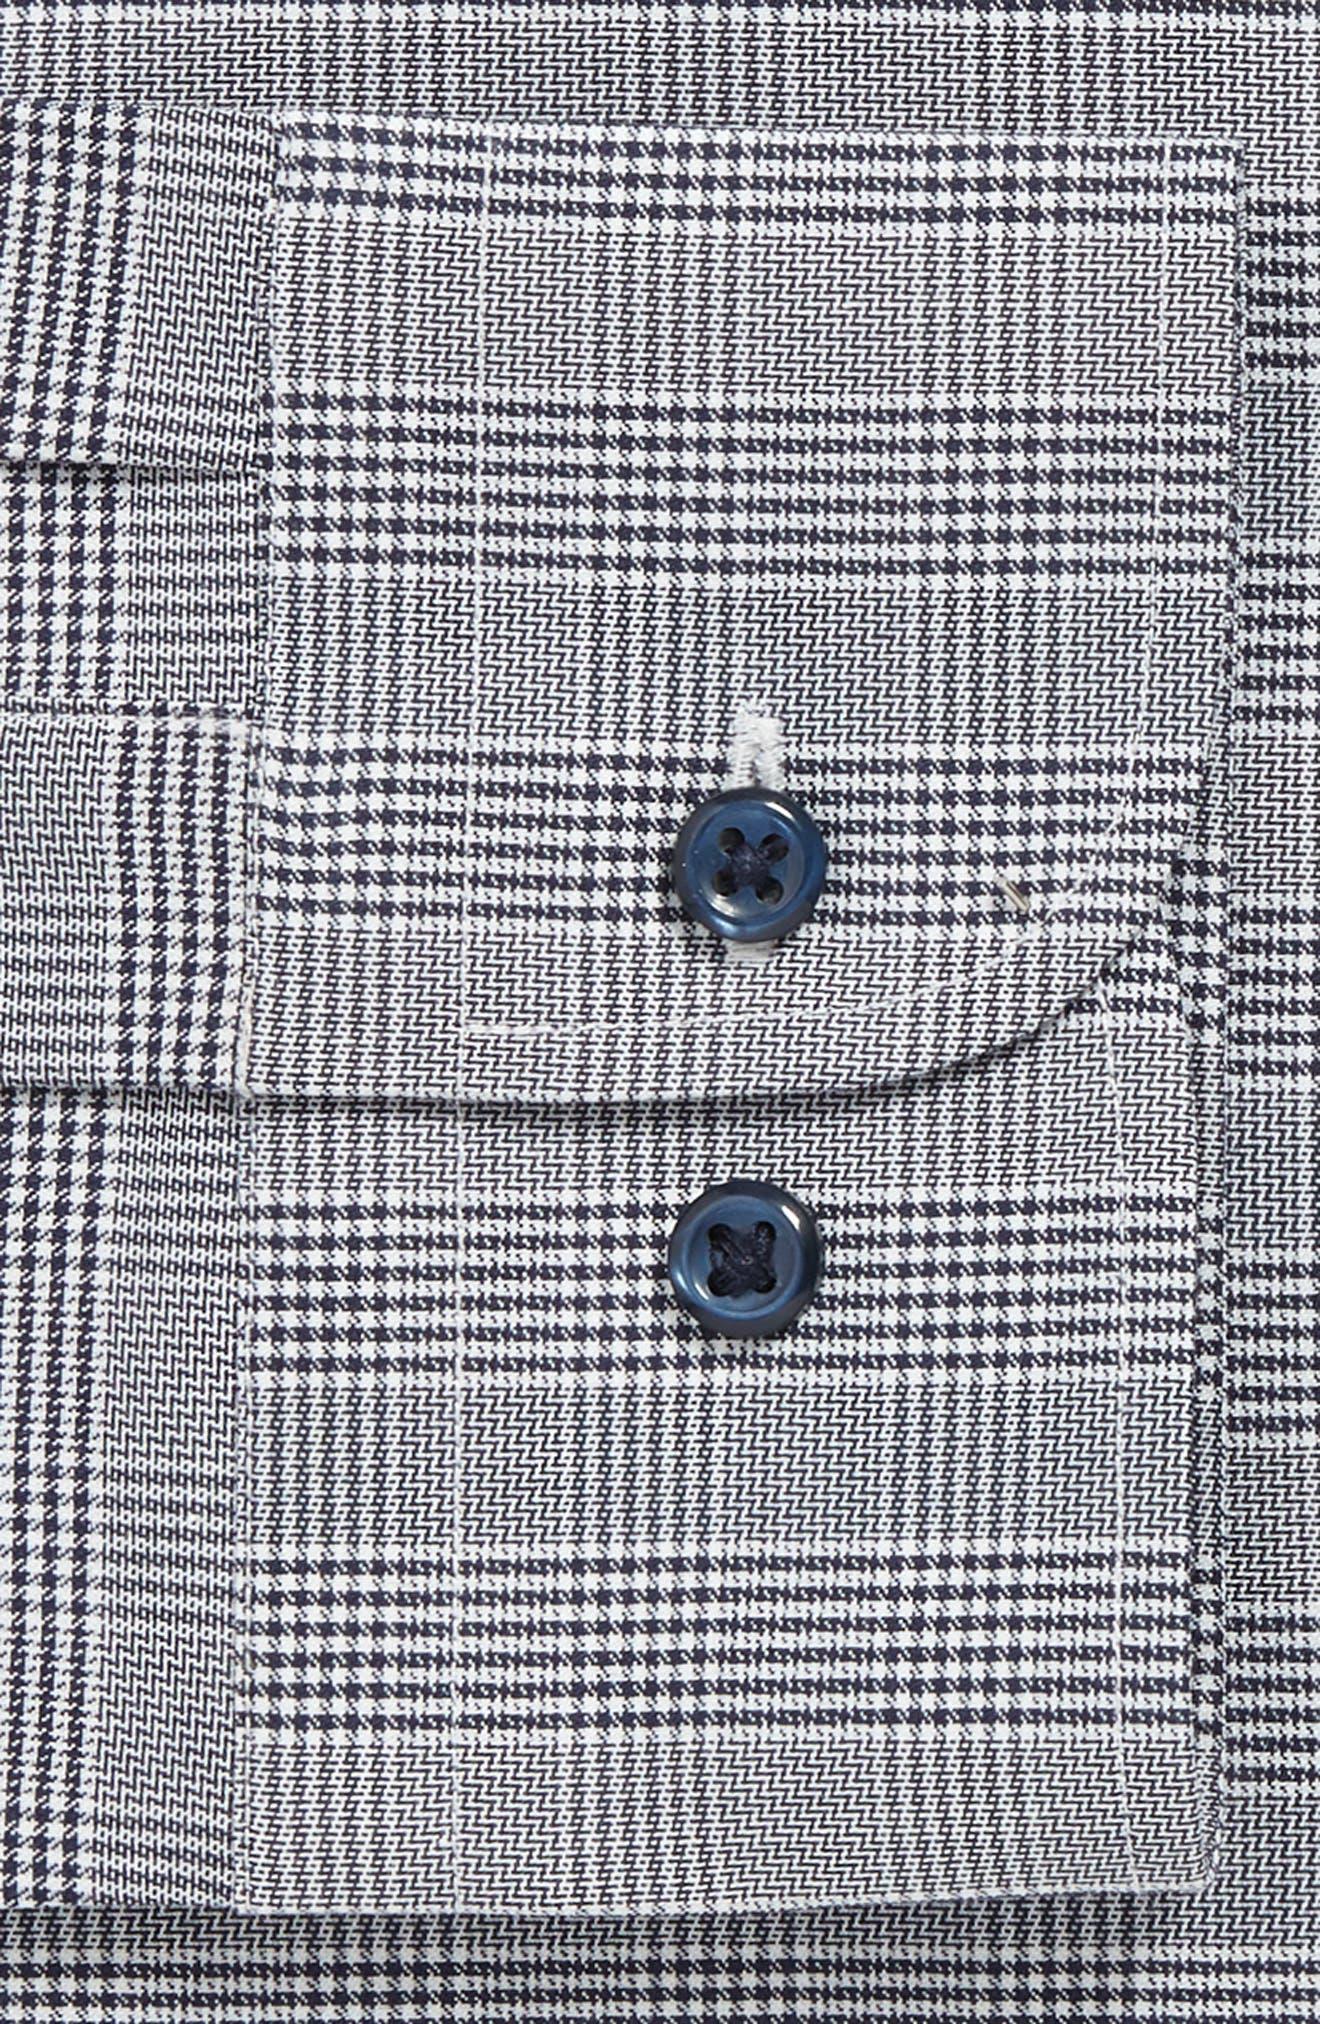 Tech-Smart Trim Fit Stretch Plaid Dress Shirt,                             Alternate thumbnail 6, color,                             NAVY PEACOAT